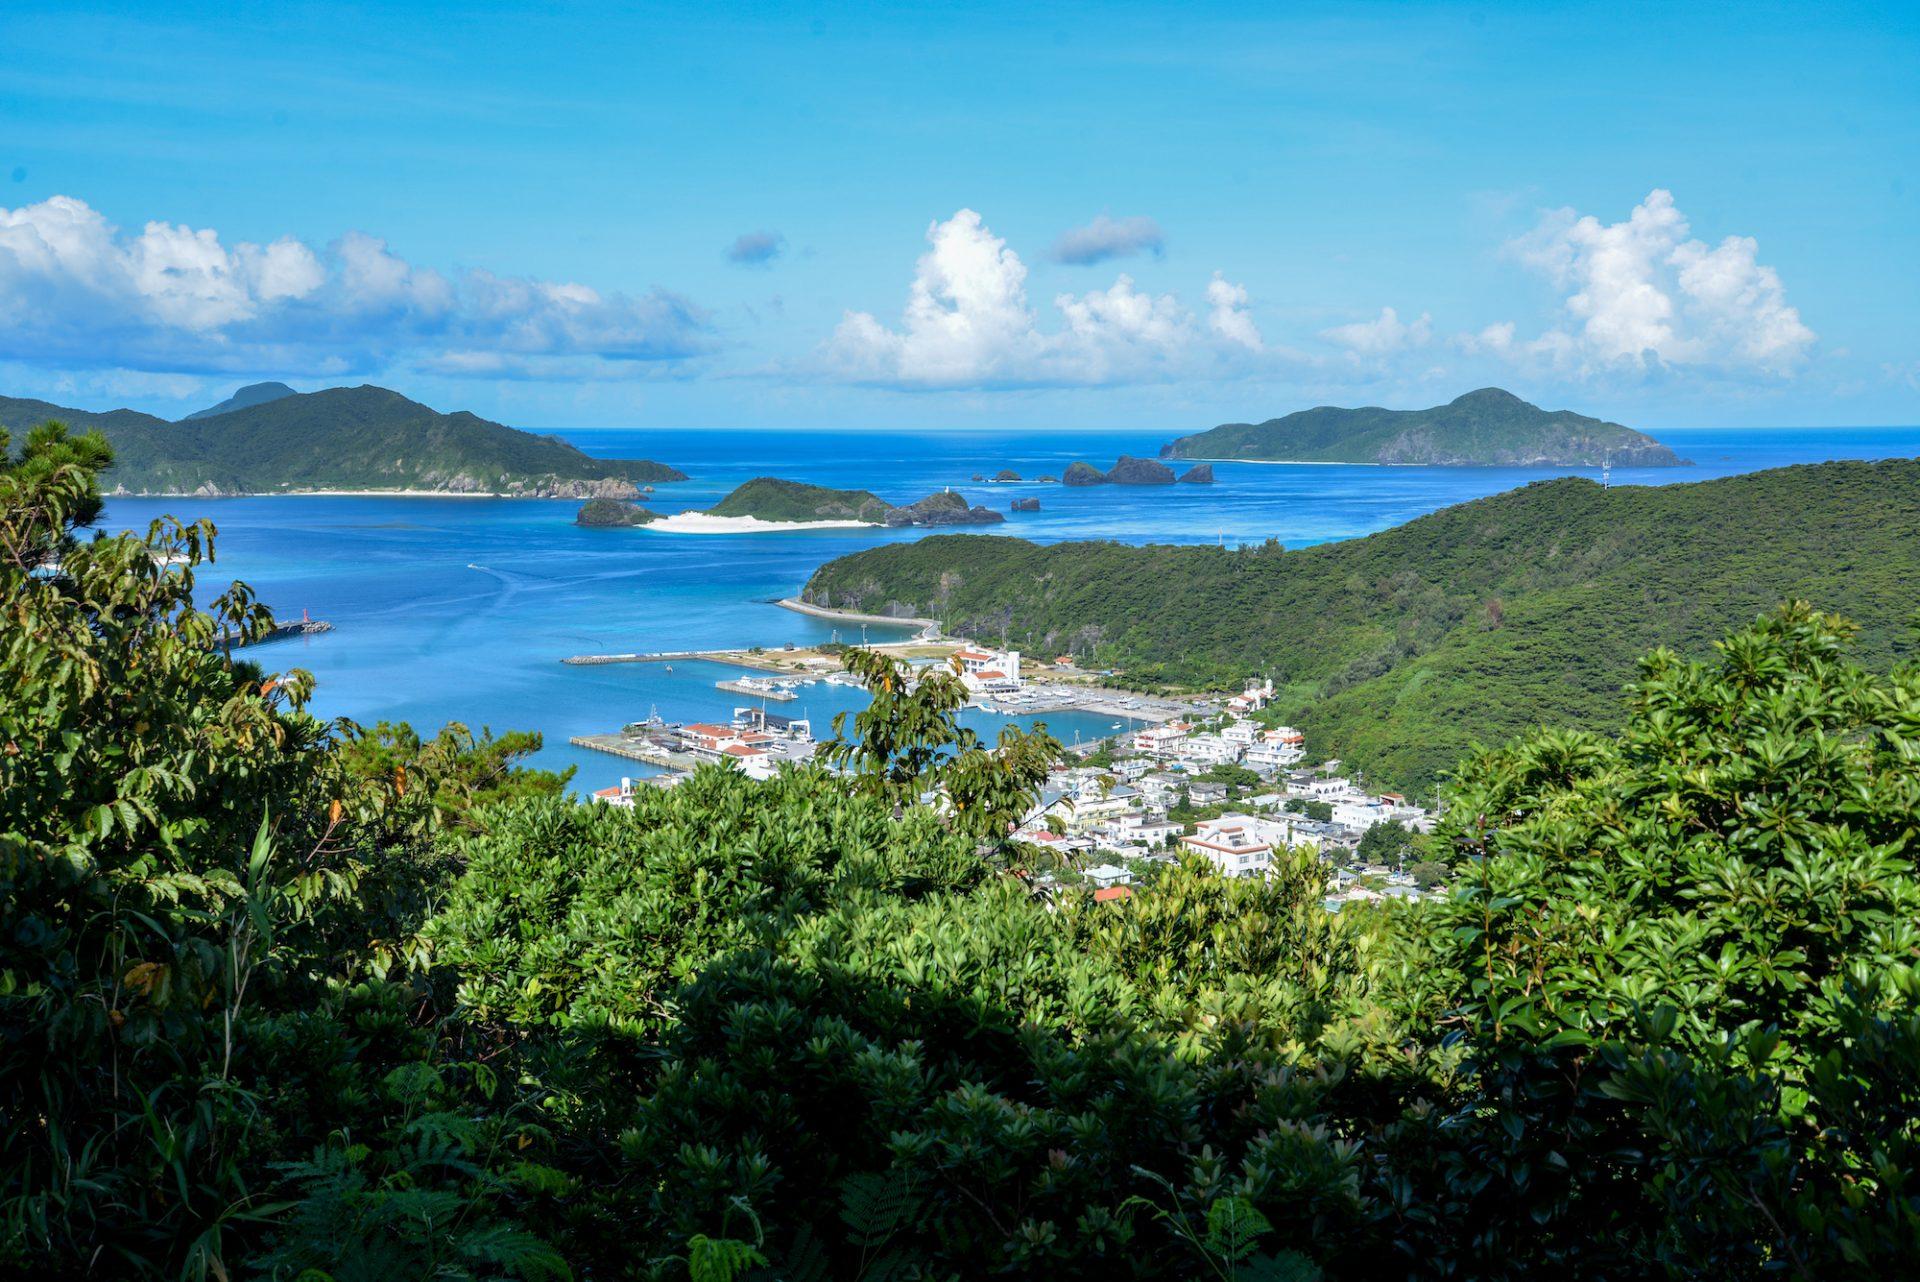 座間味島全体を見渡せる「高月山展望台」